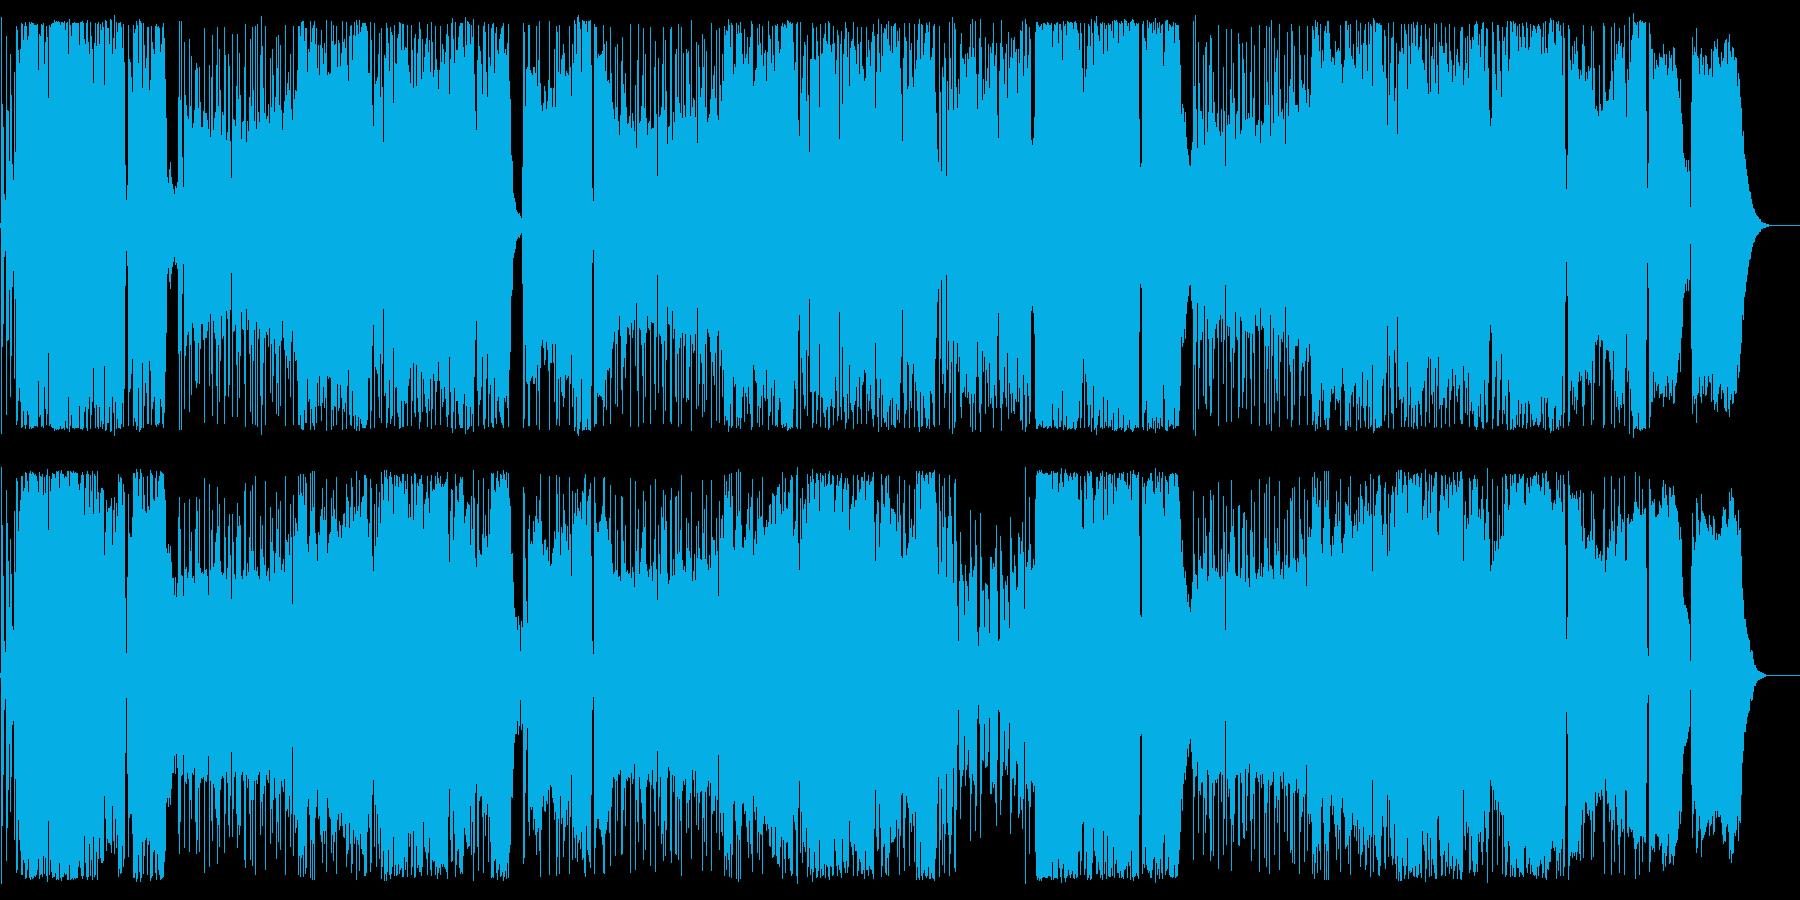 昭和を感じる演歌調Rockの再生済みの波形